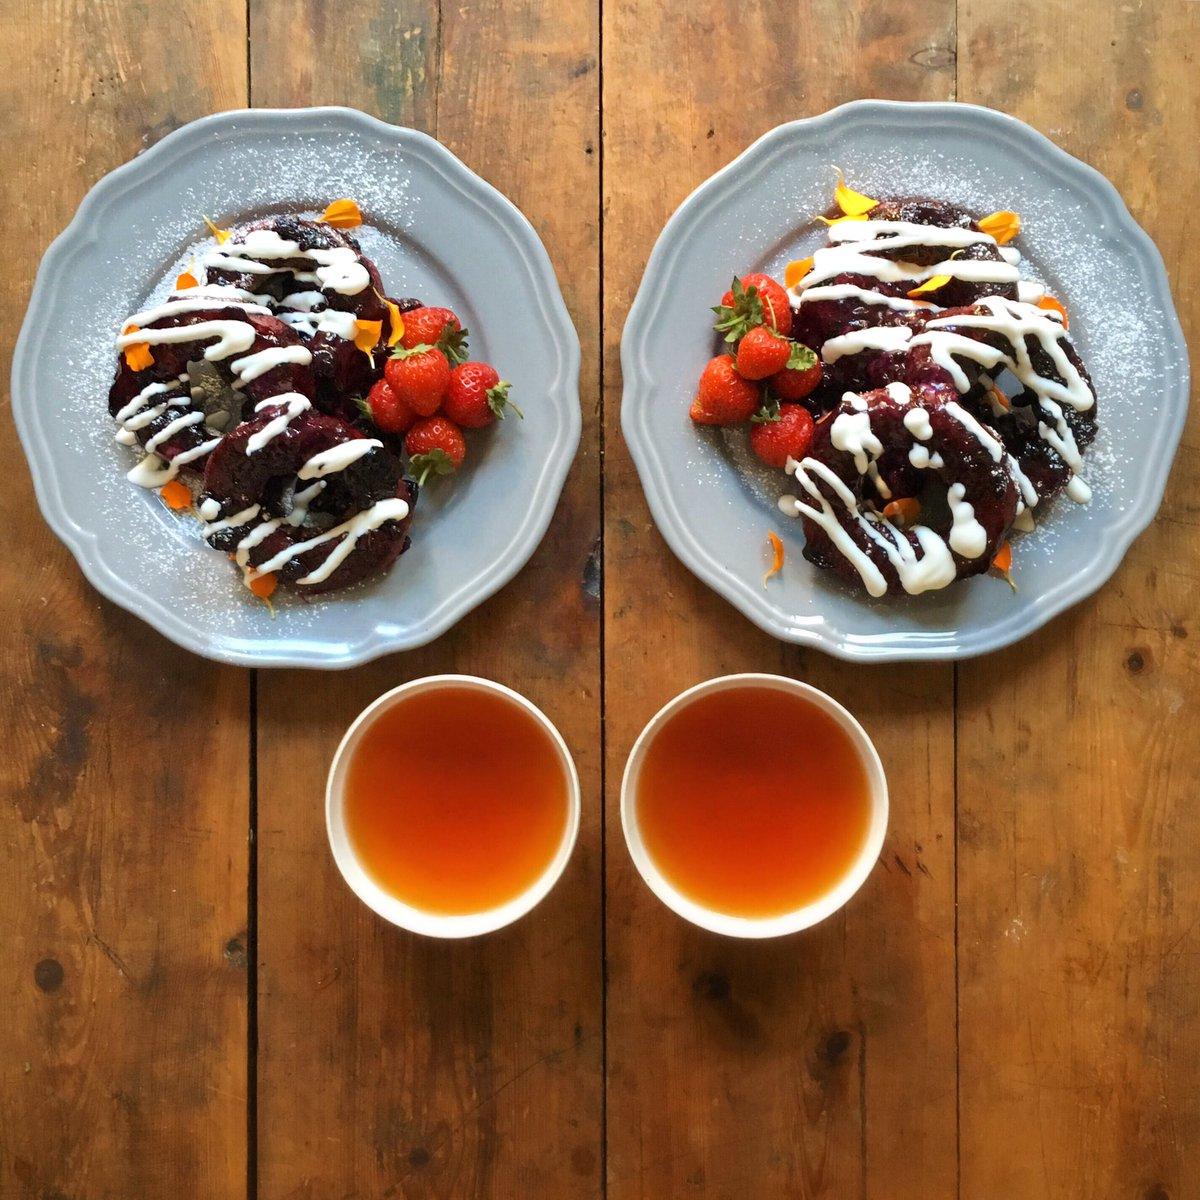 RT @symmetry_fast: Blueberry Breakfast Doughnuts from @jamieoliver's new book #FamilySuperFood ???????????? https://t.co/WVvdtae0GV